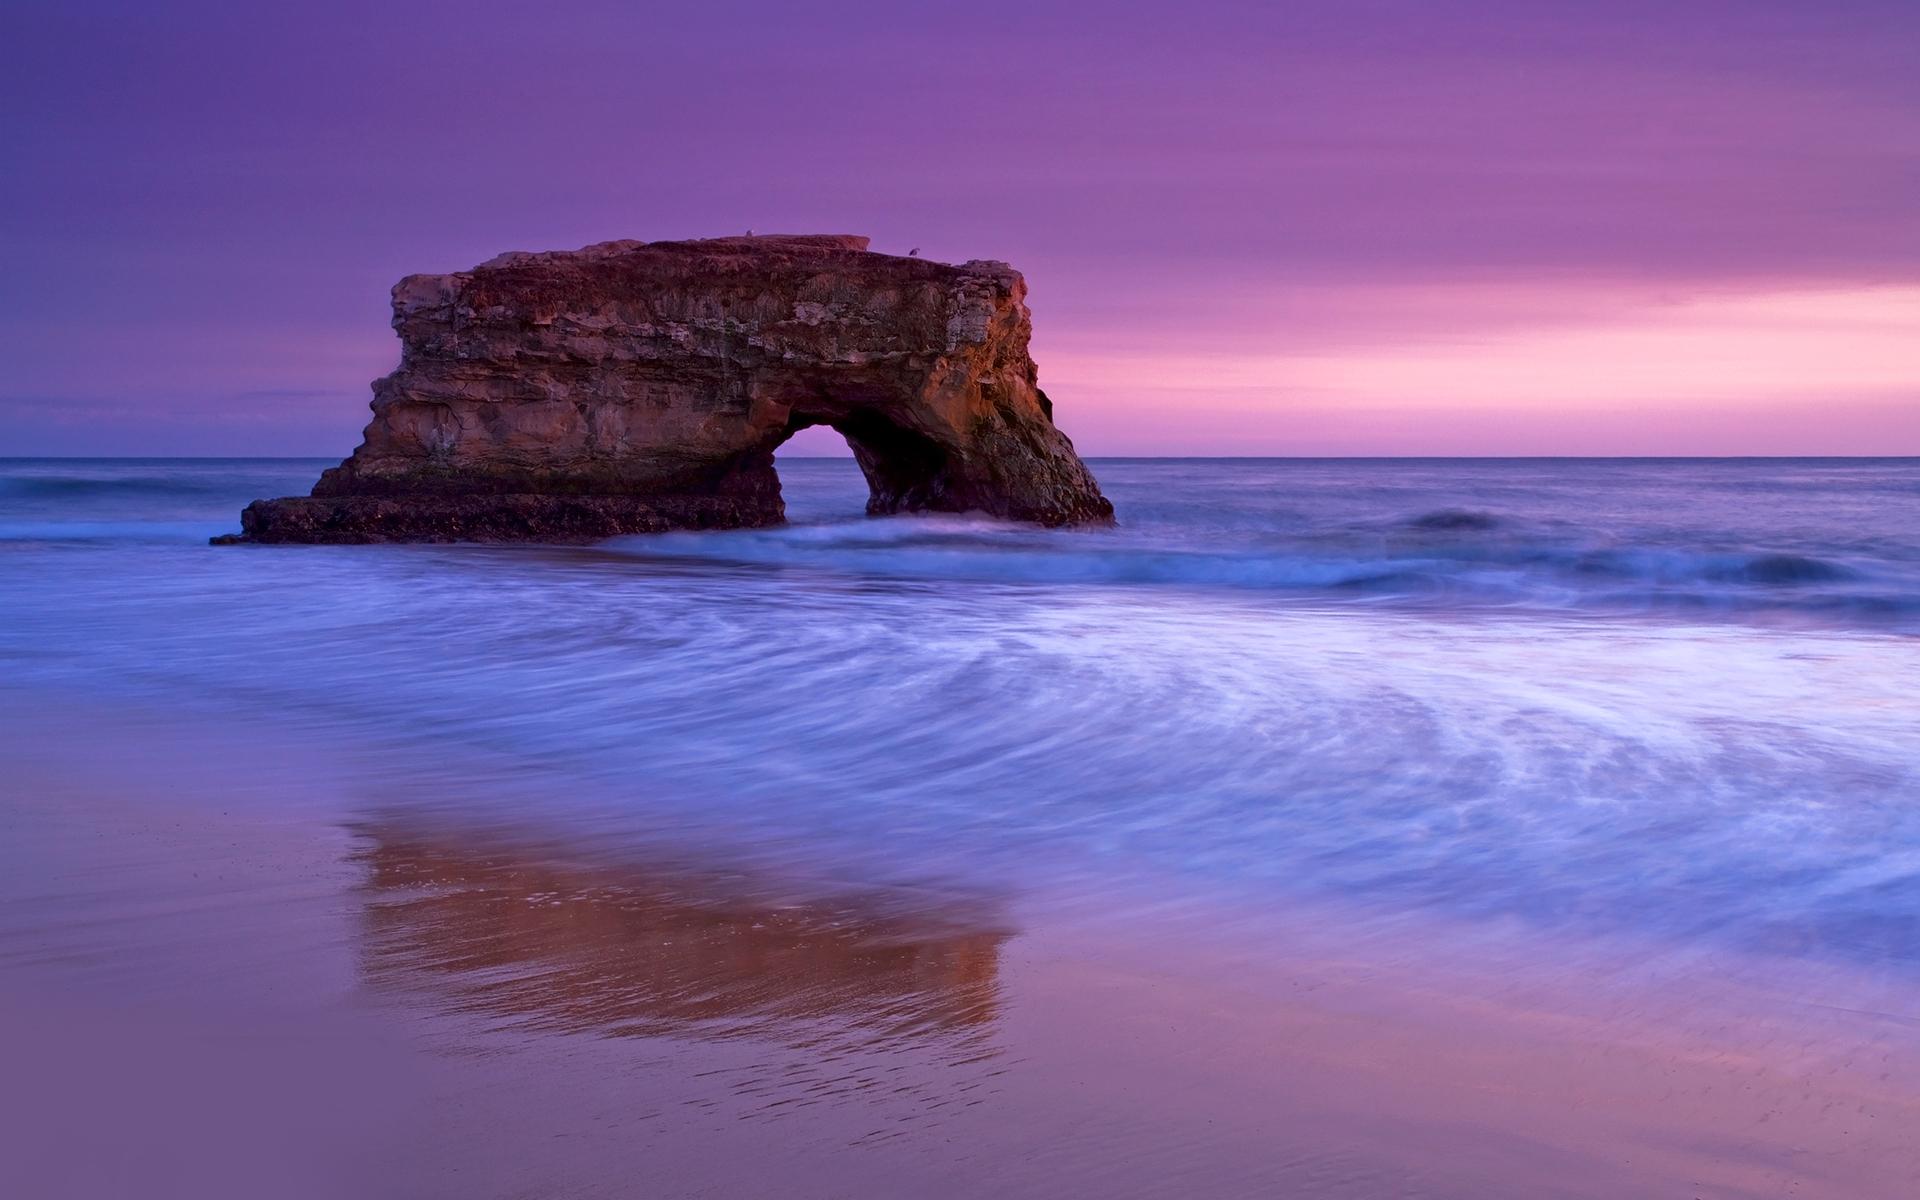 море океан камни скалы закат sea the ocean stones rock sunset  № 2530626 без смс